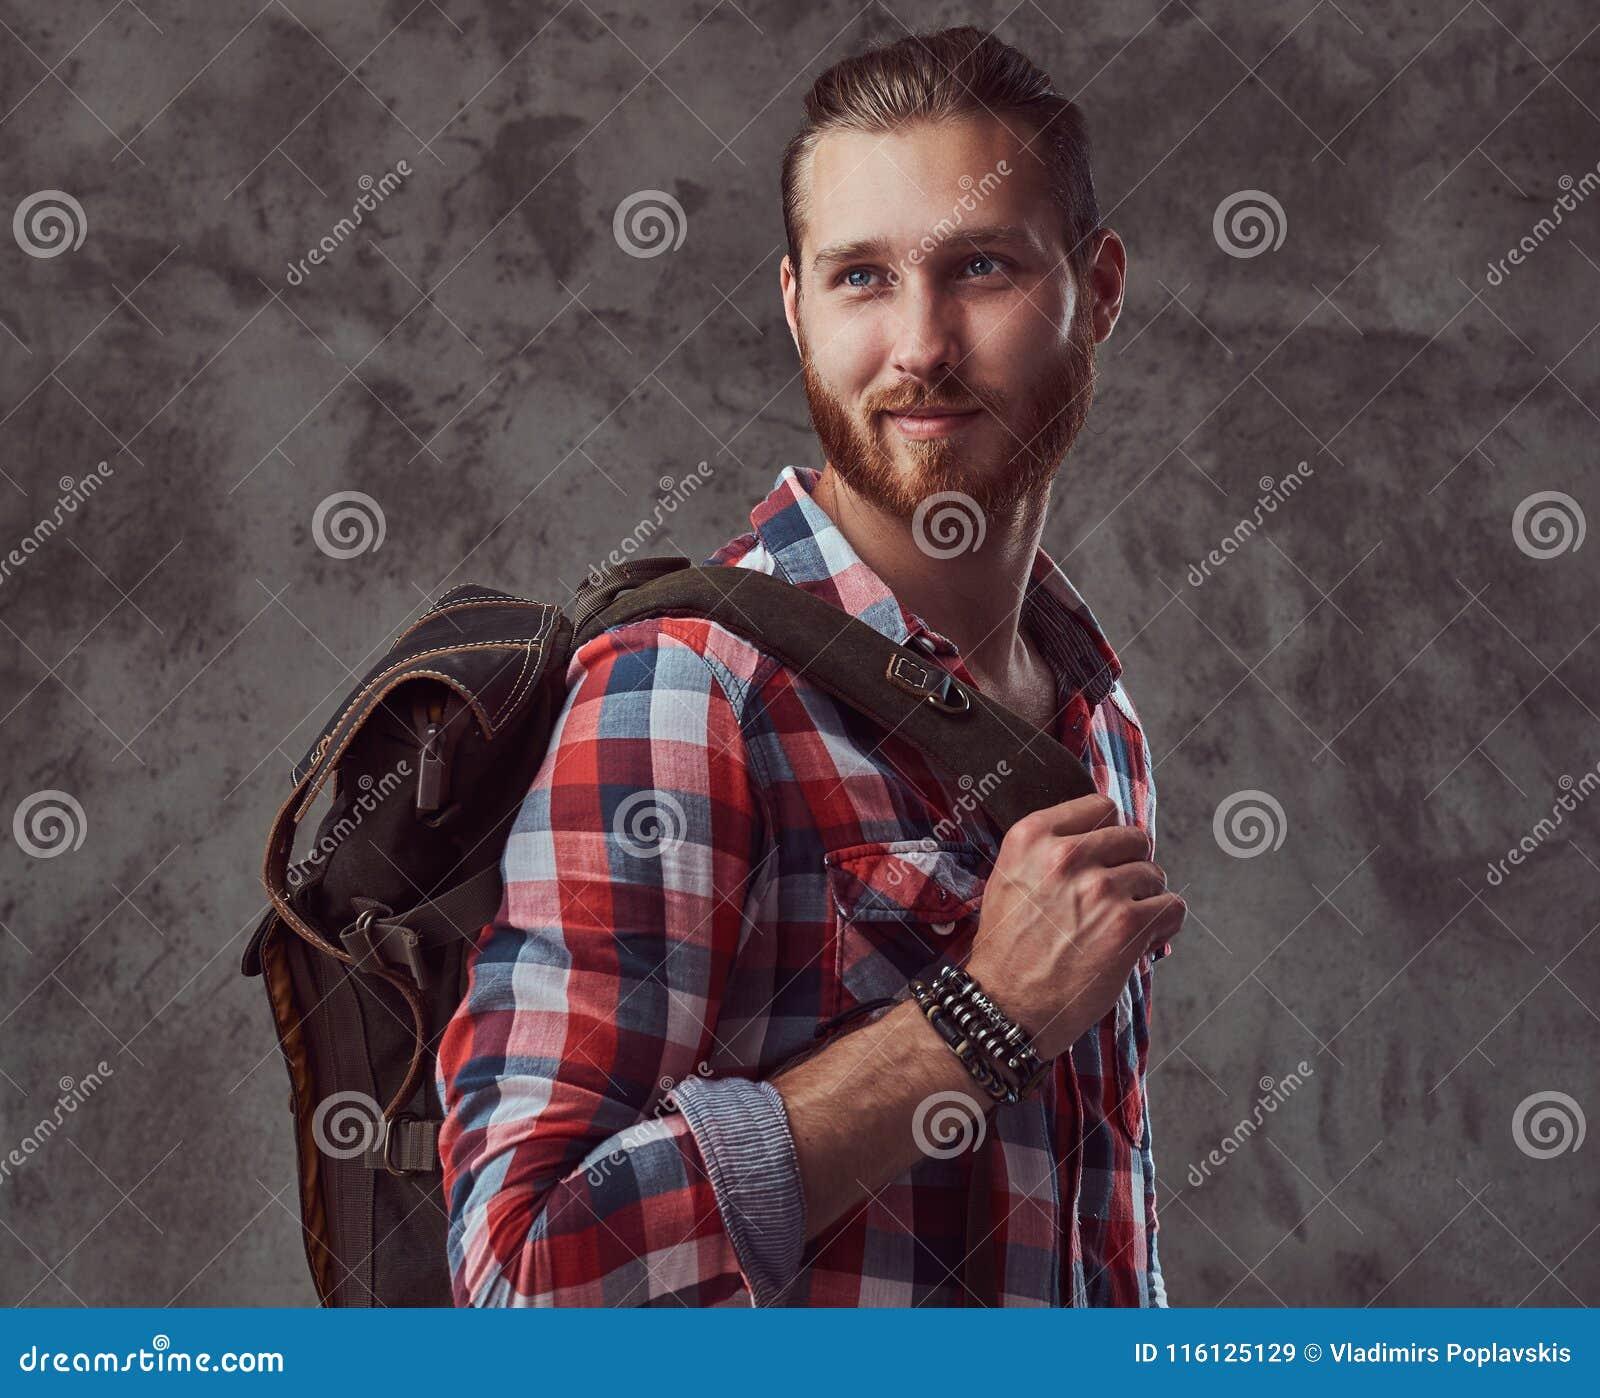 Przystojny elegancki rudzielec podróżnik w flanelowej koszula z plecakiem, pozuje w studiu na szarym tle